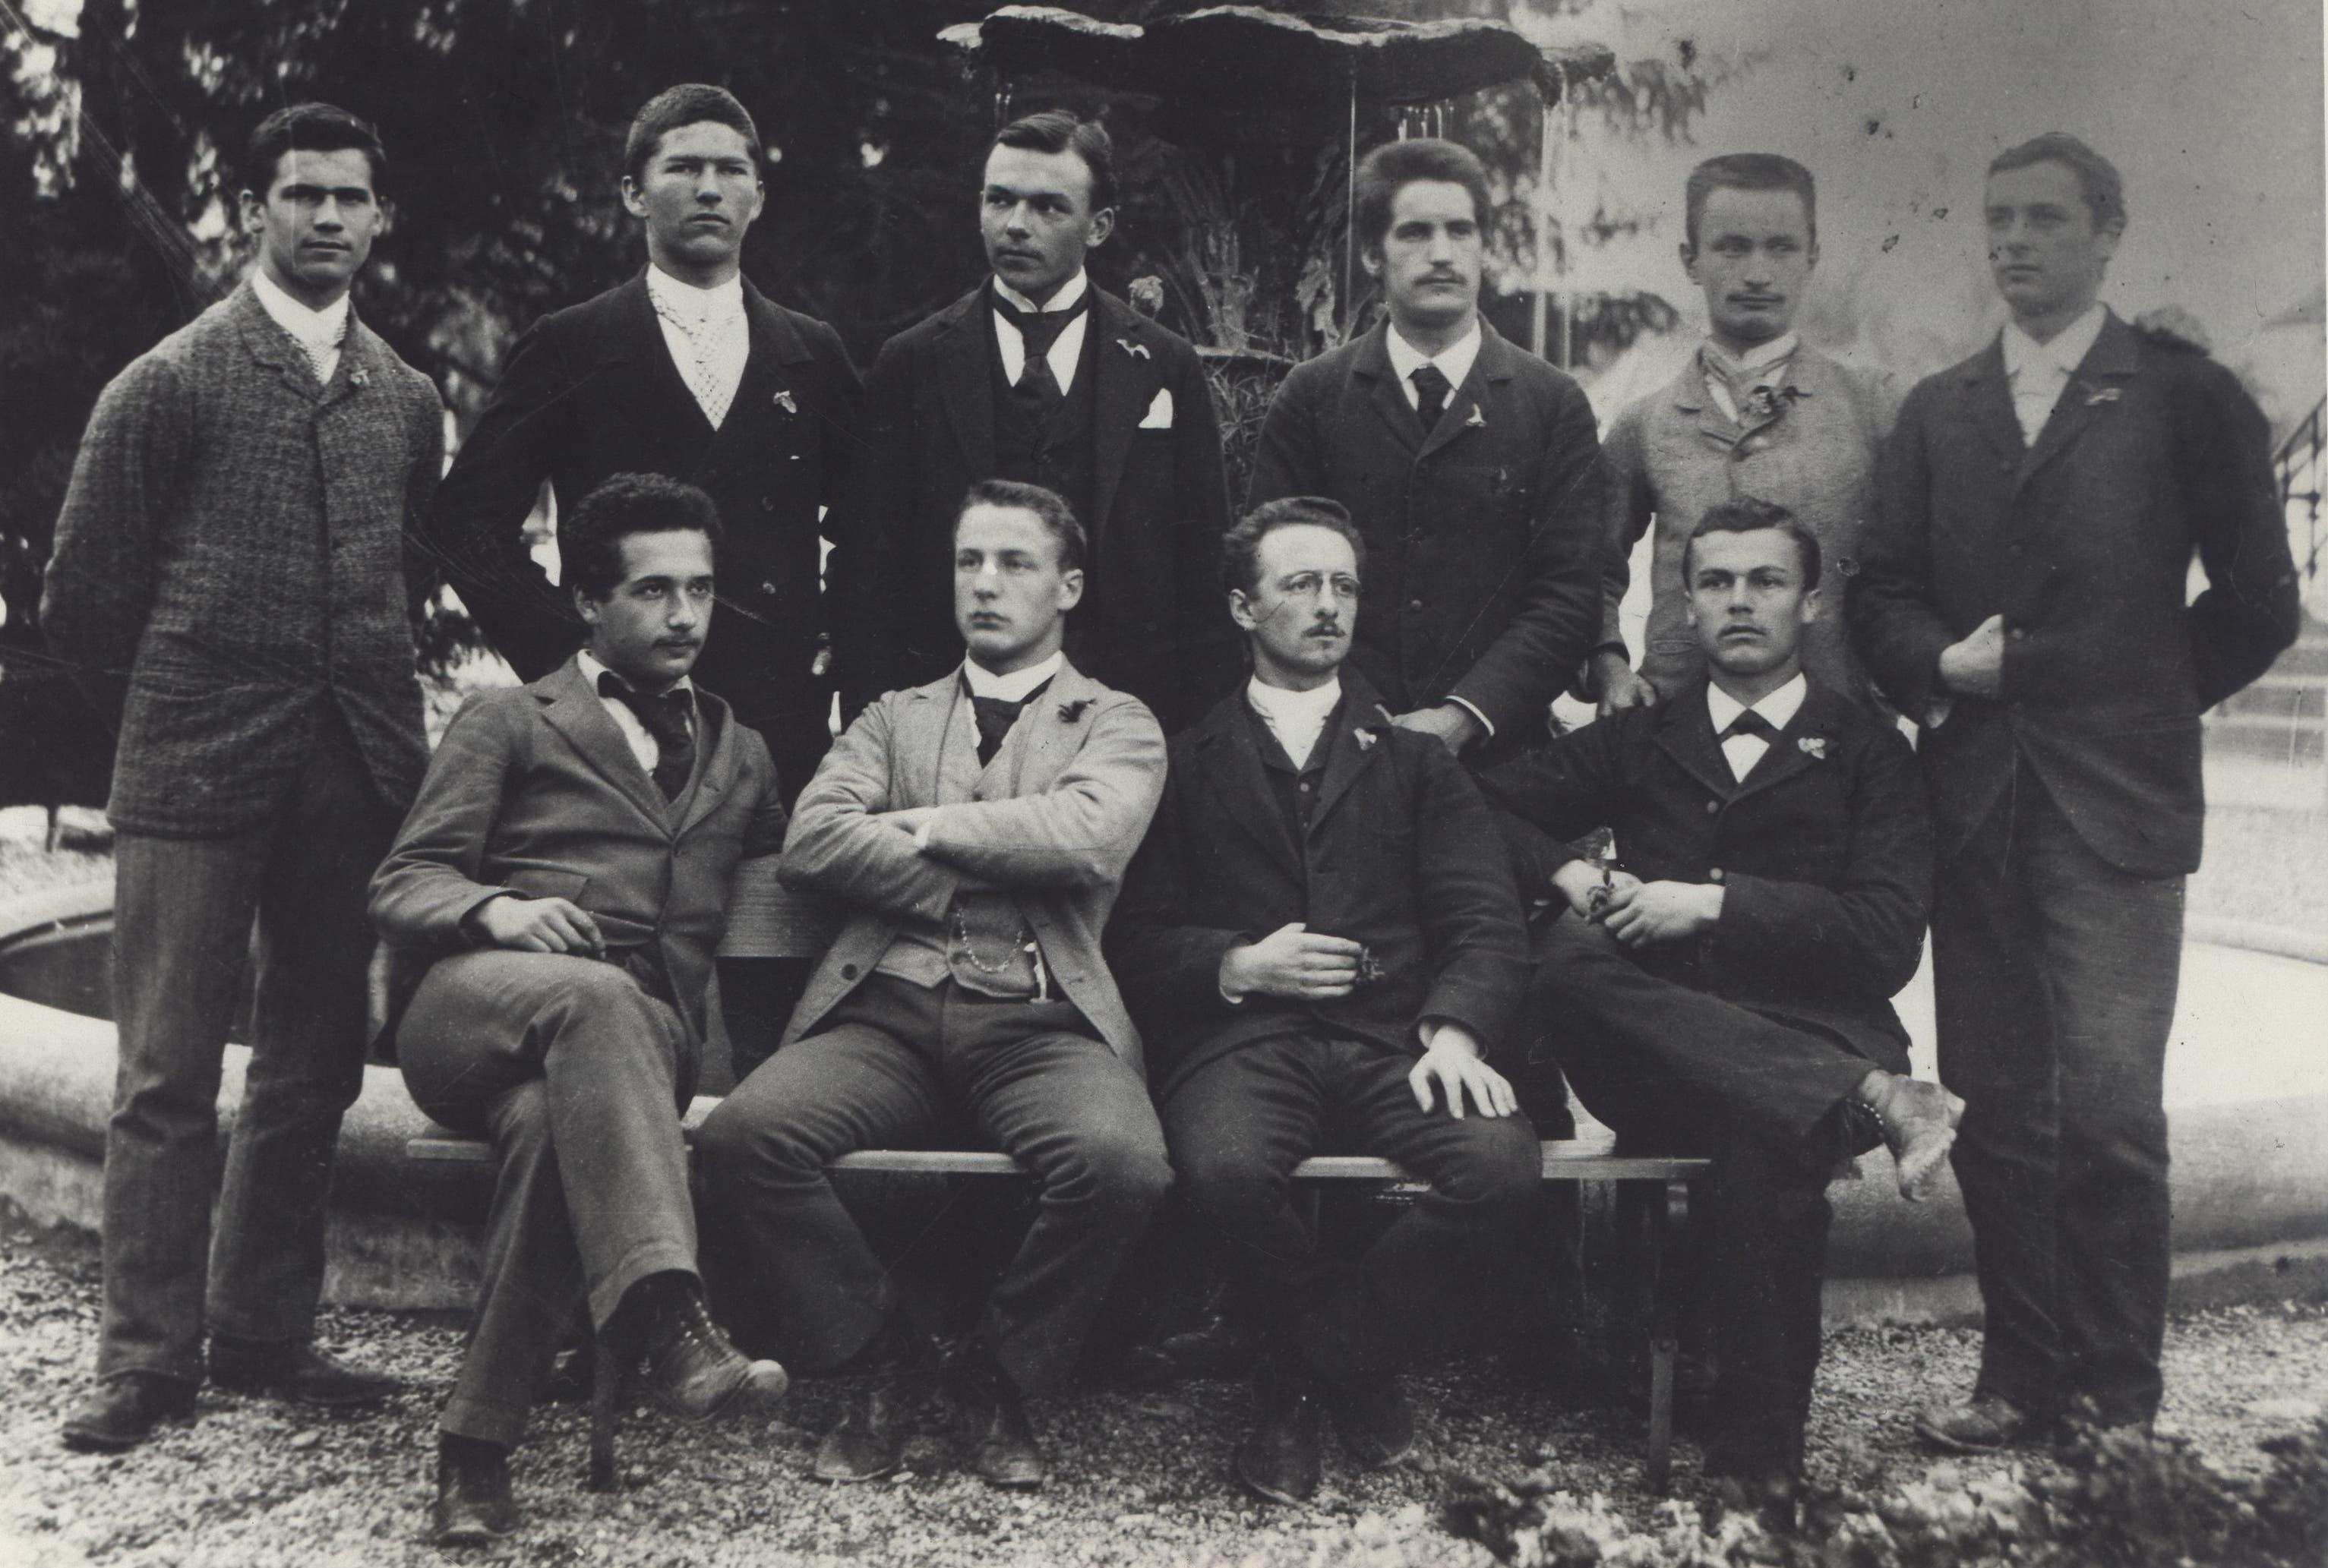 Abschlussklasse der Kantonsschule Aargau 1896. (Links vorne der Maturand Albert Einstein.)